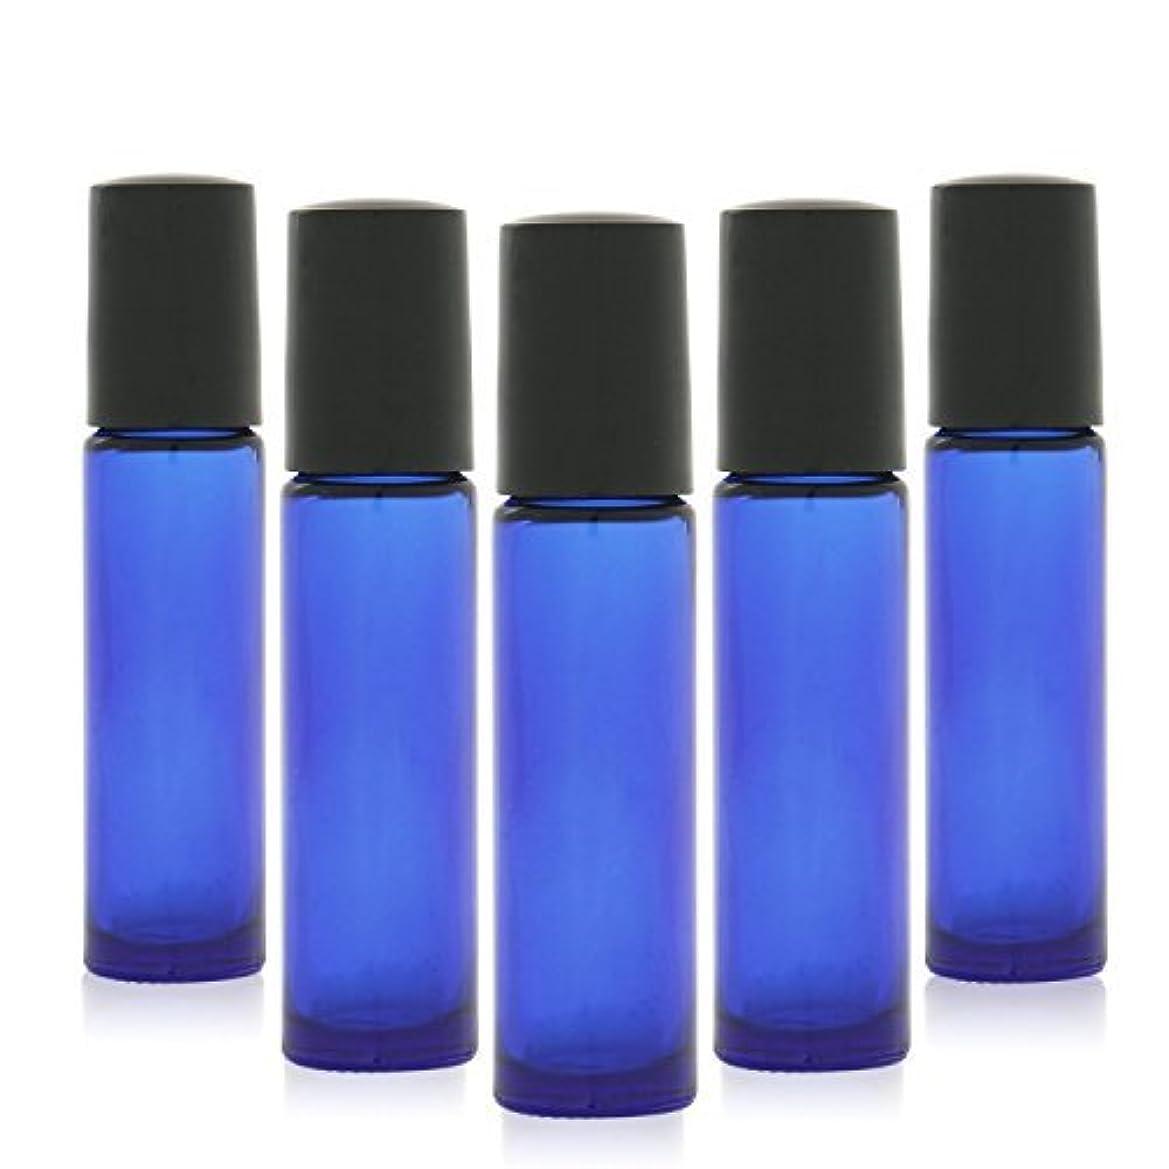 メール反発糞12 pcs, 10ml Cobalt Blue Glass Roller Bottles with Stainless Steel Roller Ball for Essential Oil - Includes 12 Pieces Labels, Essential Oils Opener, 2 Droppers [並行輸入品]